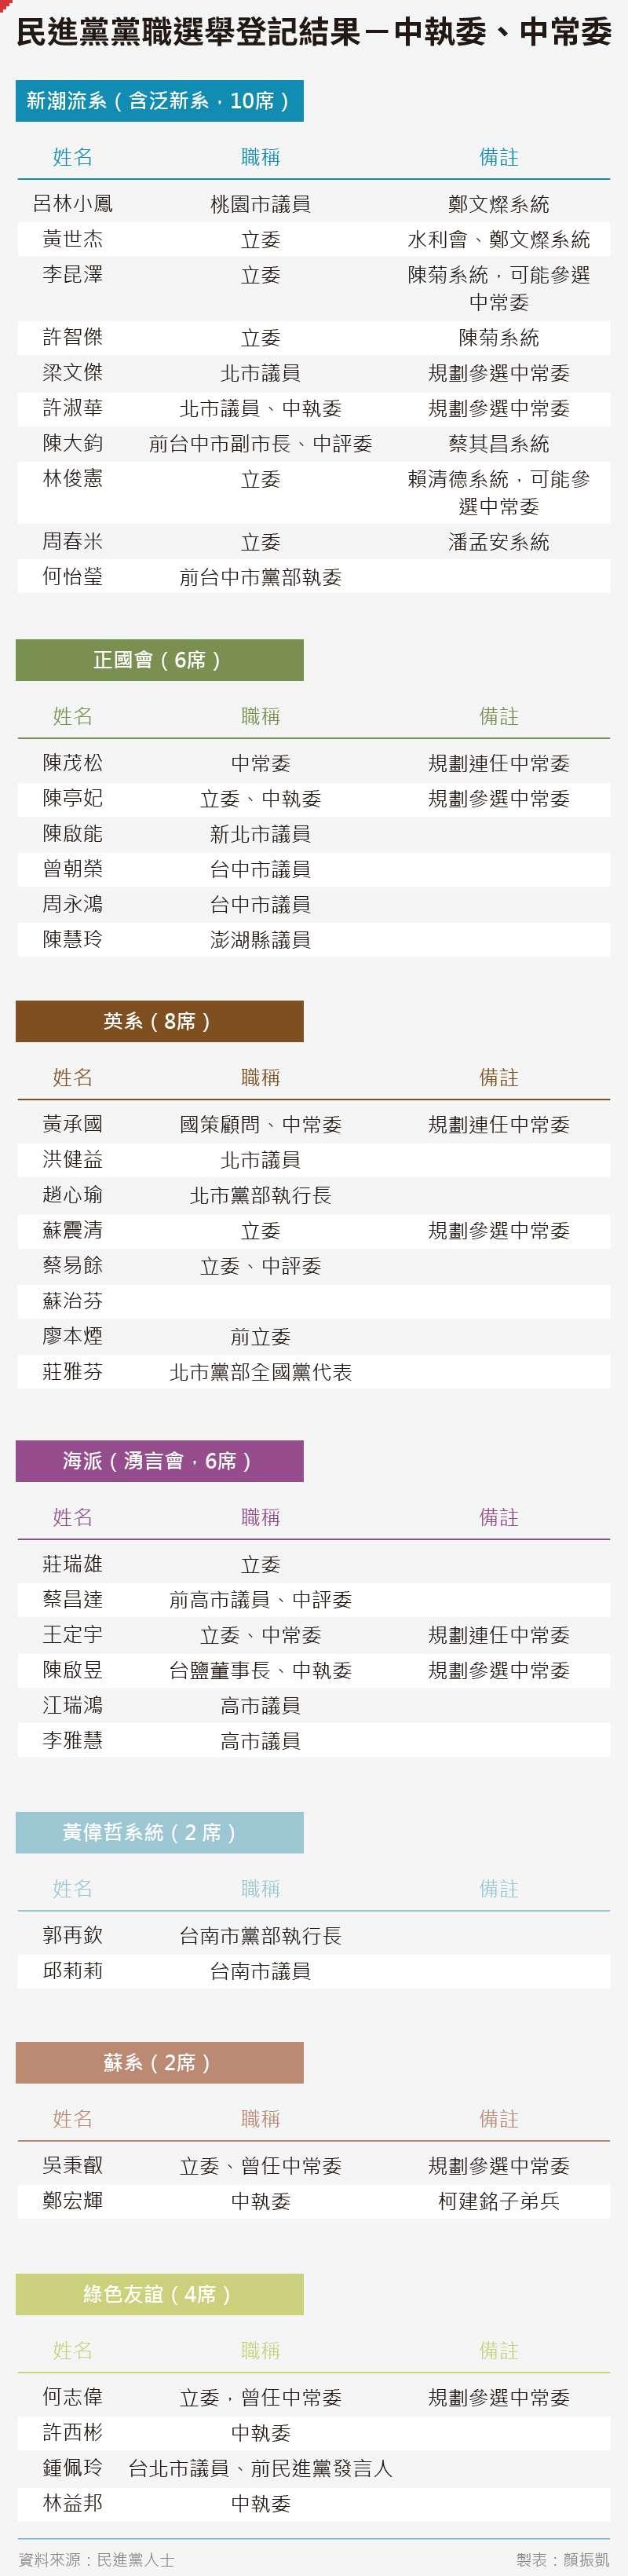 20200619-SMG0035-日常_A民進黨黨職選舉登記結果-中執委、中常委1